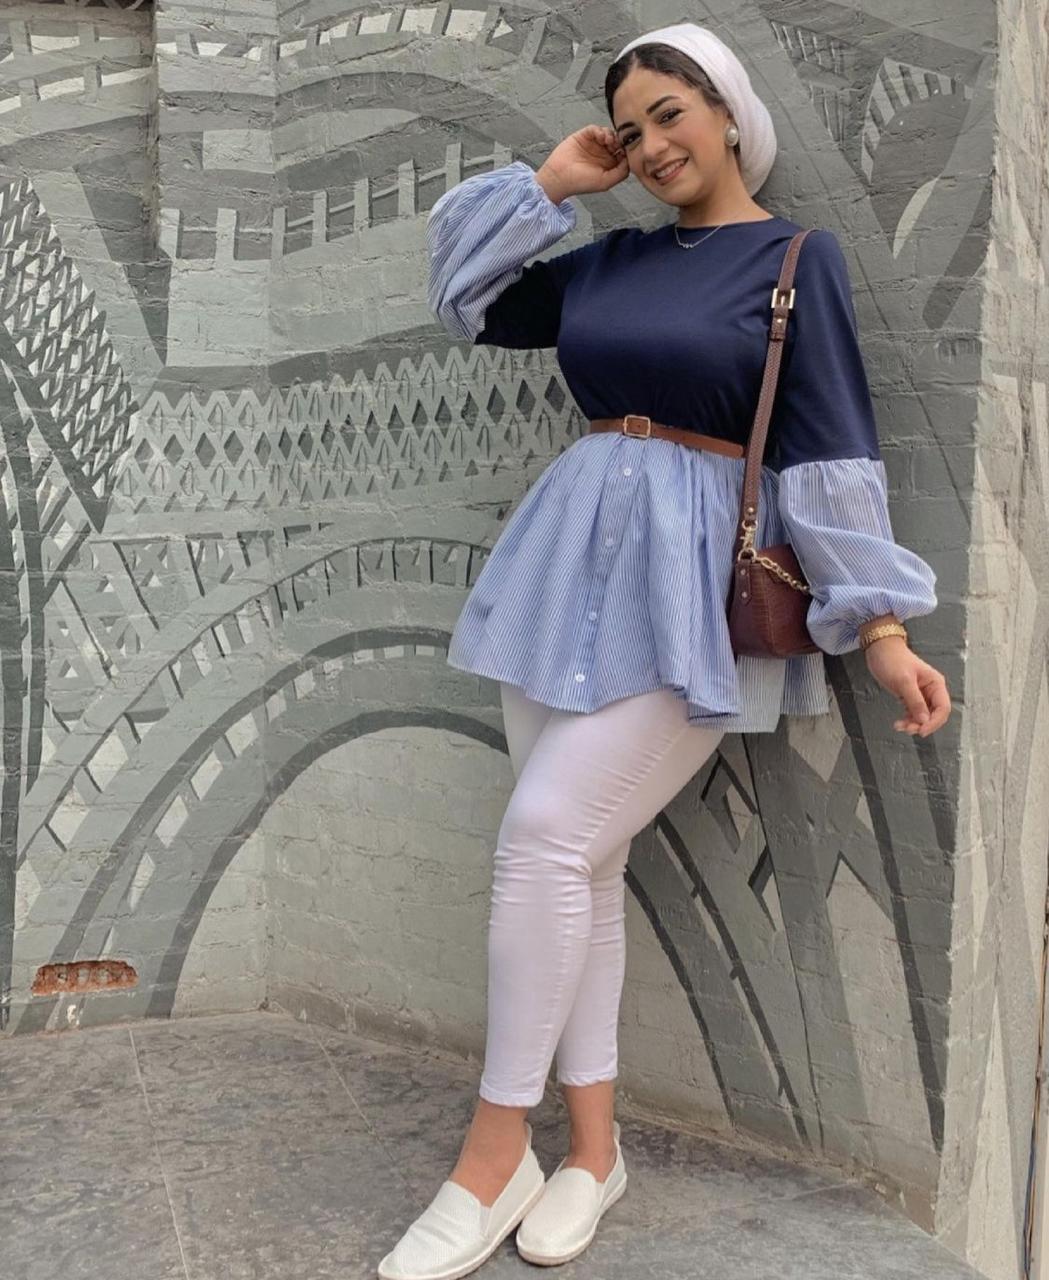 4 نوران خليفة بالتونيك المصمم بدرجات اللون الازرق -الصورة من حسابها على الانستغرا